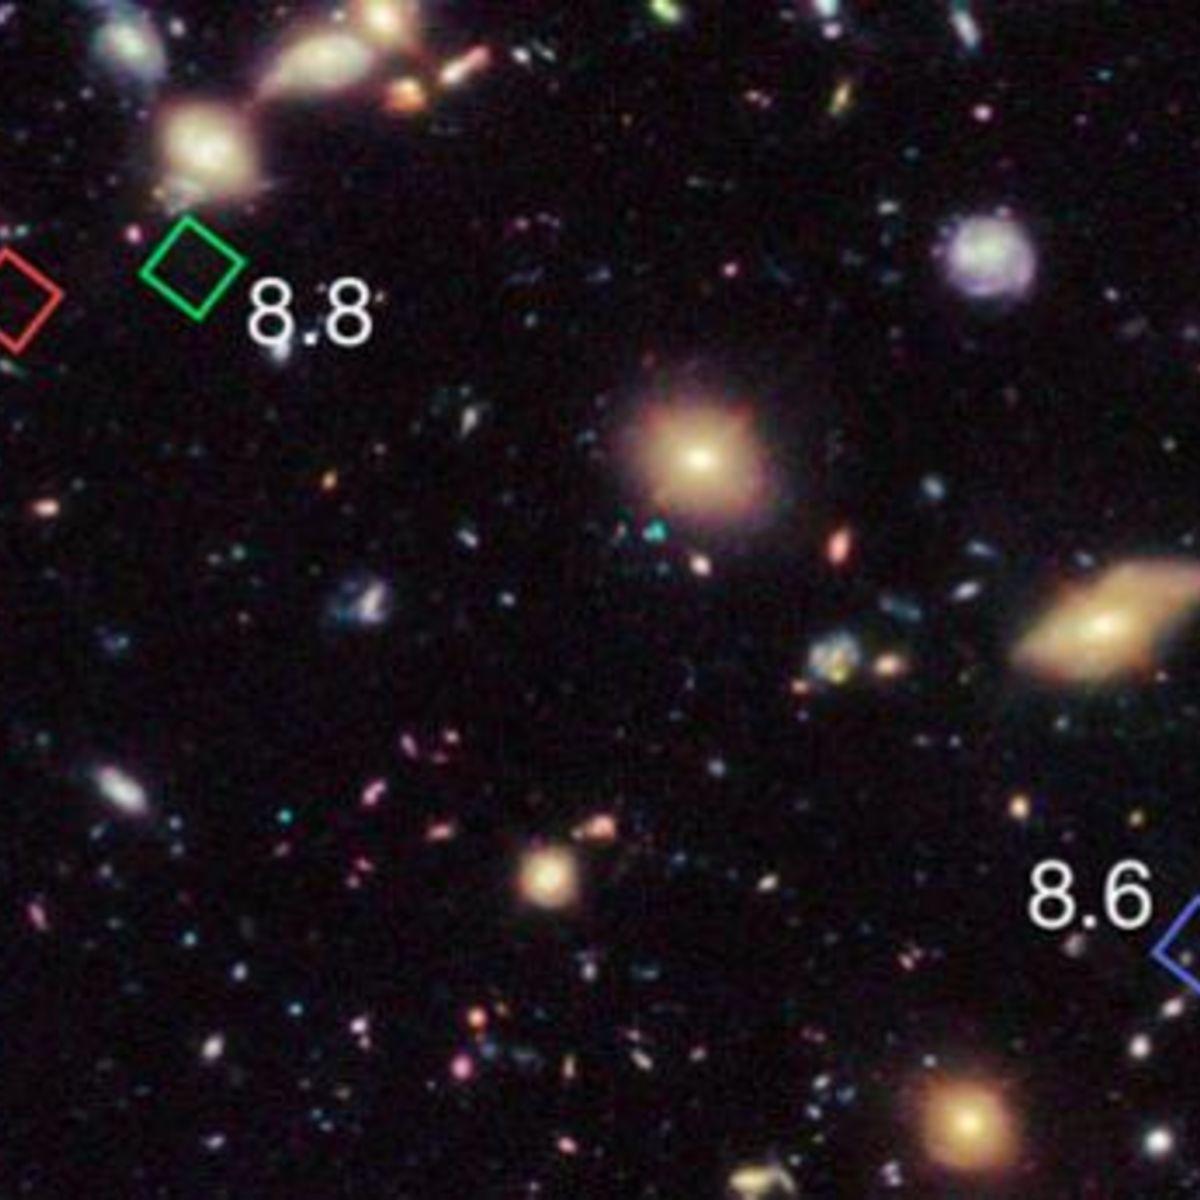 hst_wf3udf_7galaxies_detail.jpg.CROP.rectangle-large.jpg